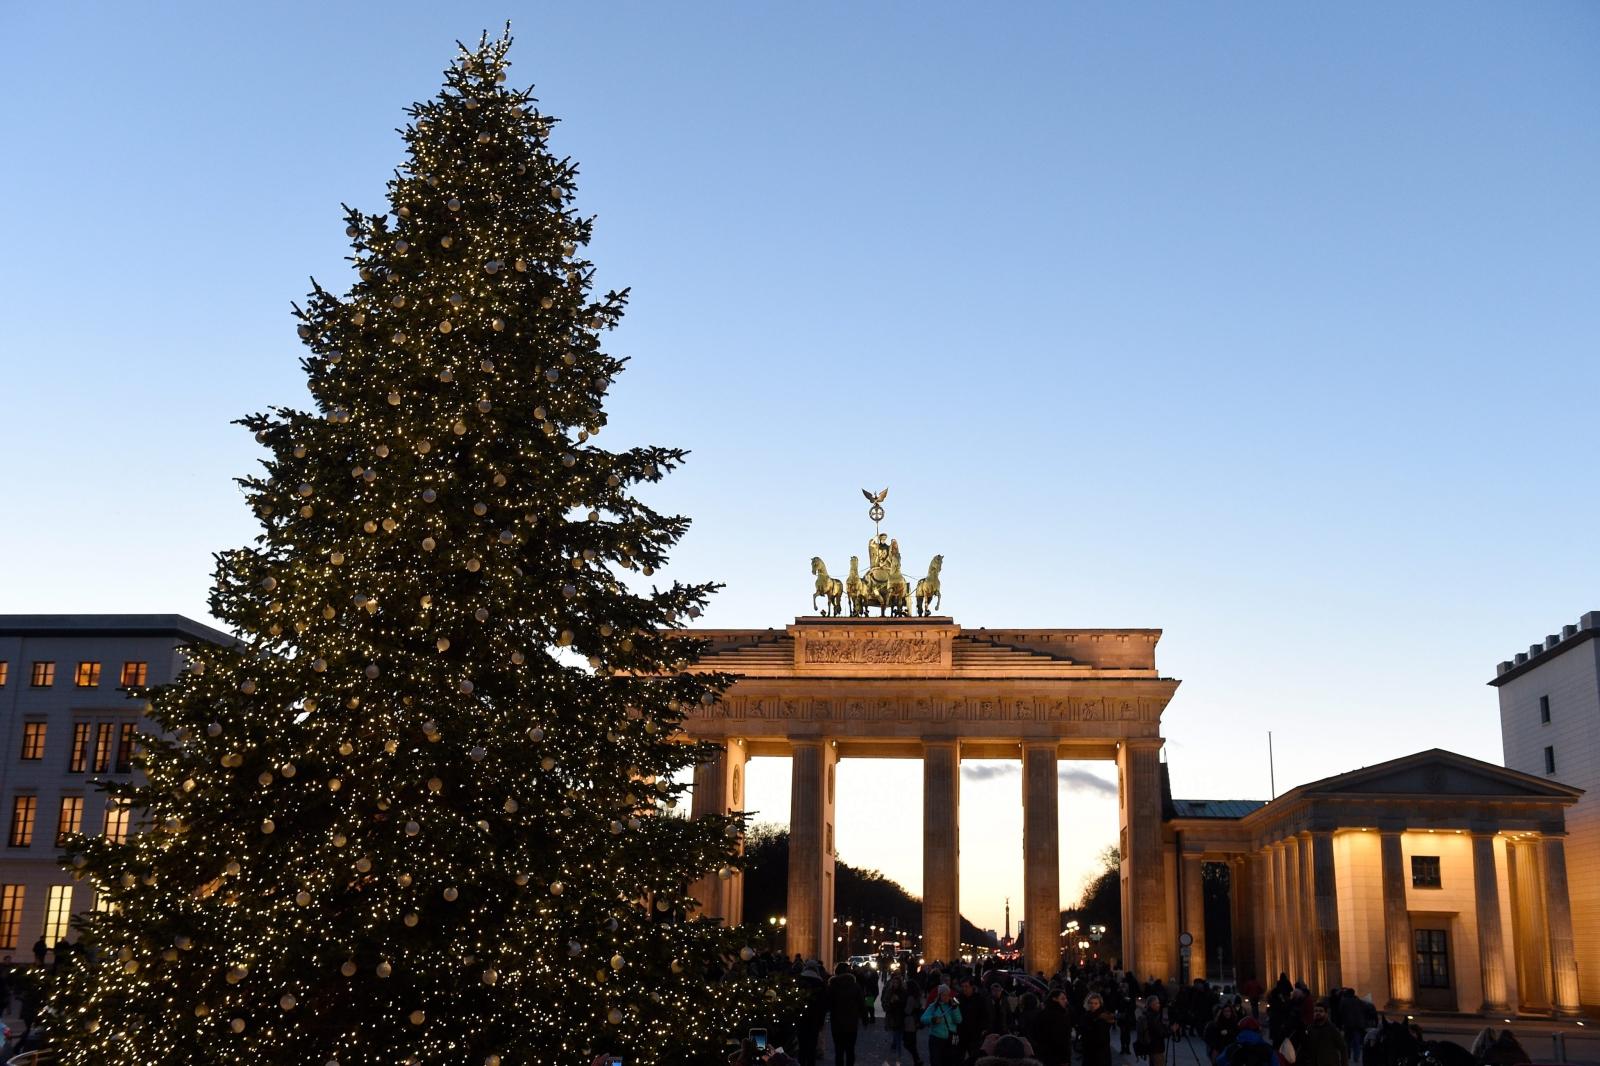 Światełka na Bramie Brandenburskiej włączone na czas Adwentu.